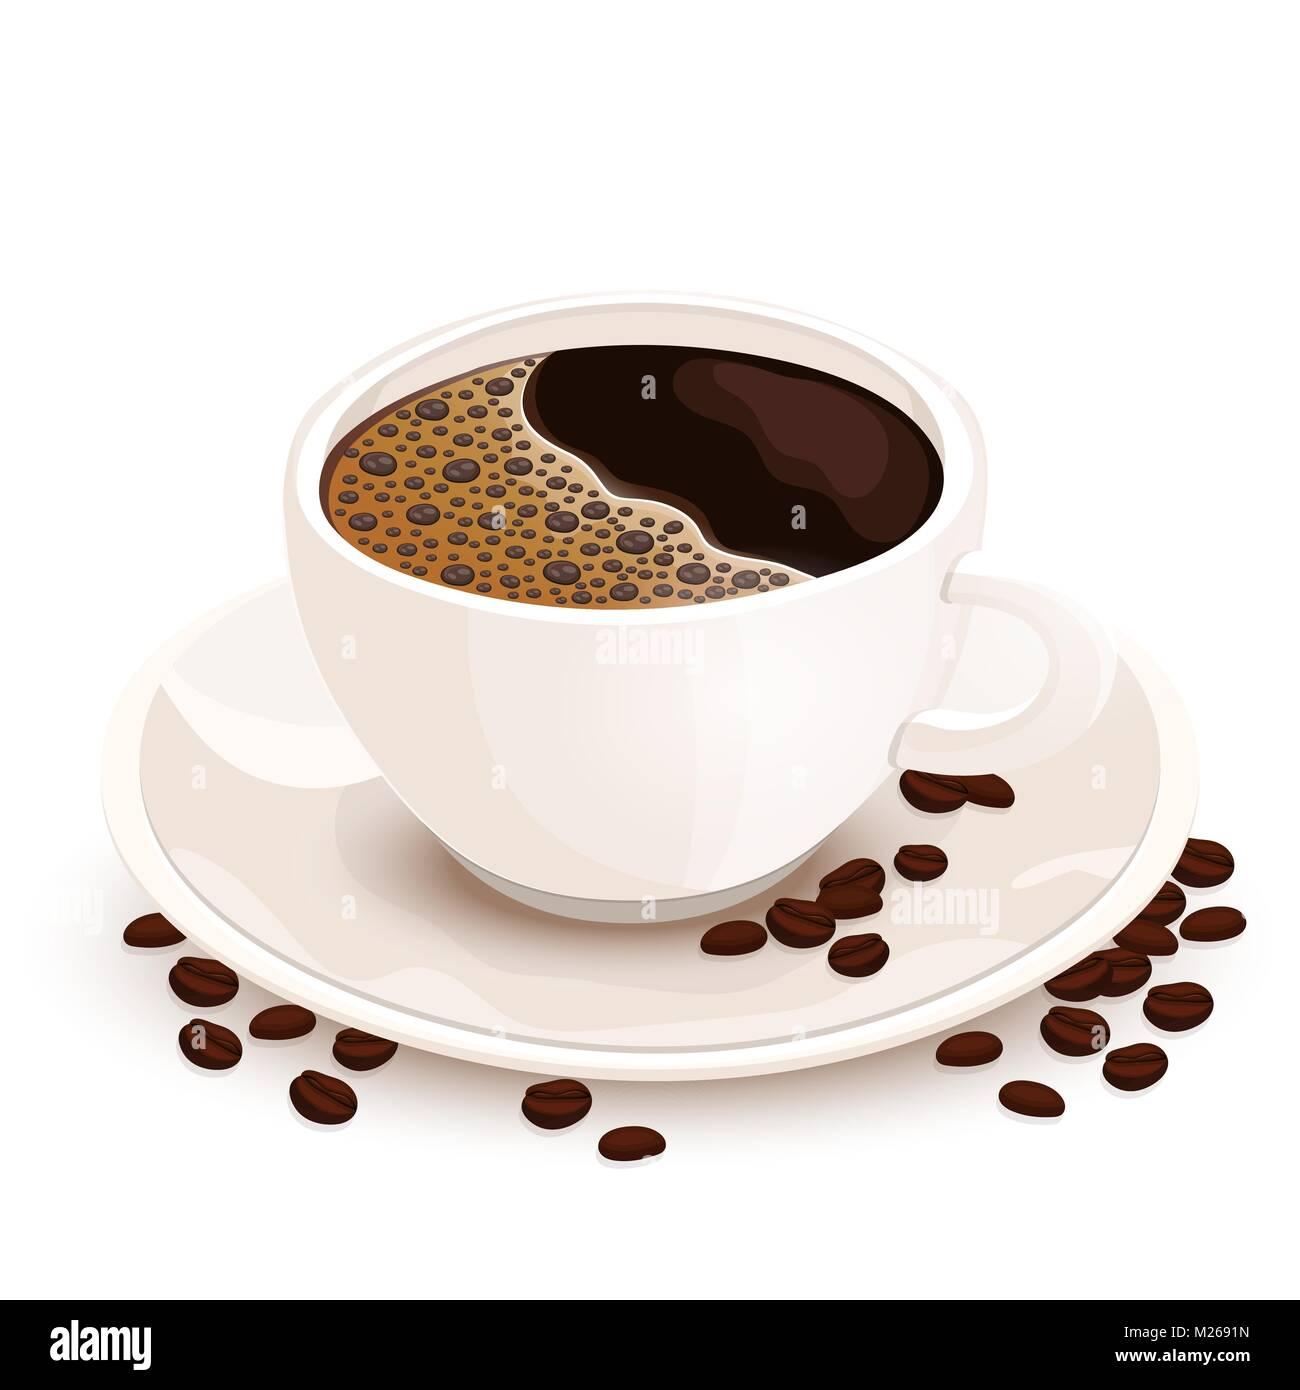 Tasse Kaffee Vektor realistische Abbildung. Weiße Tasse mit ...